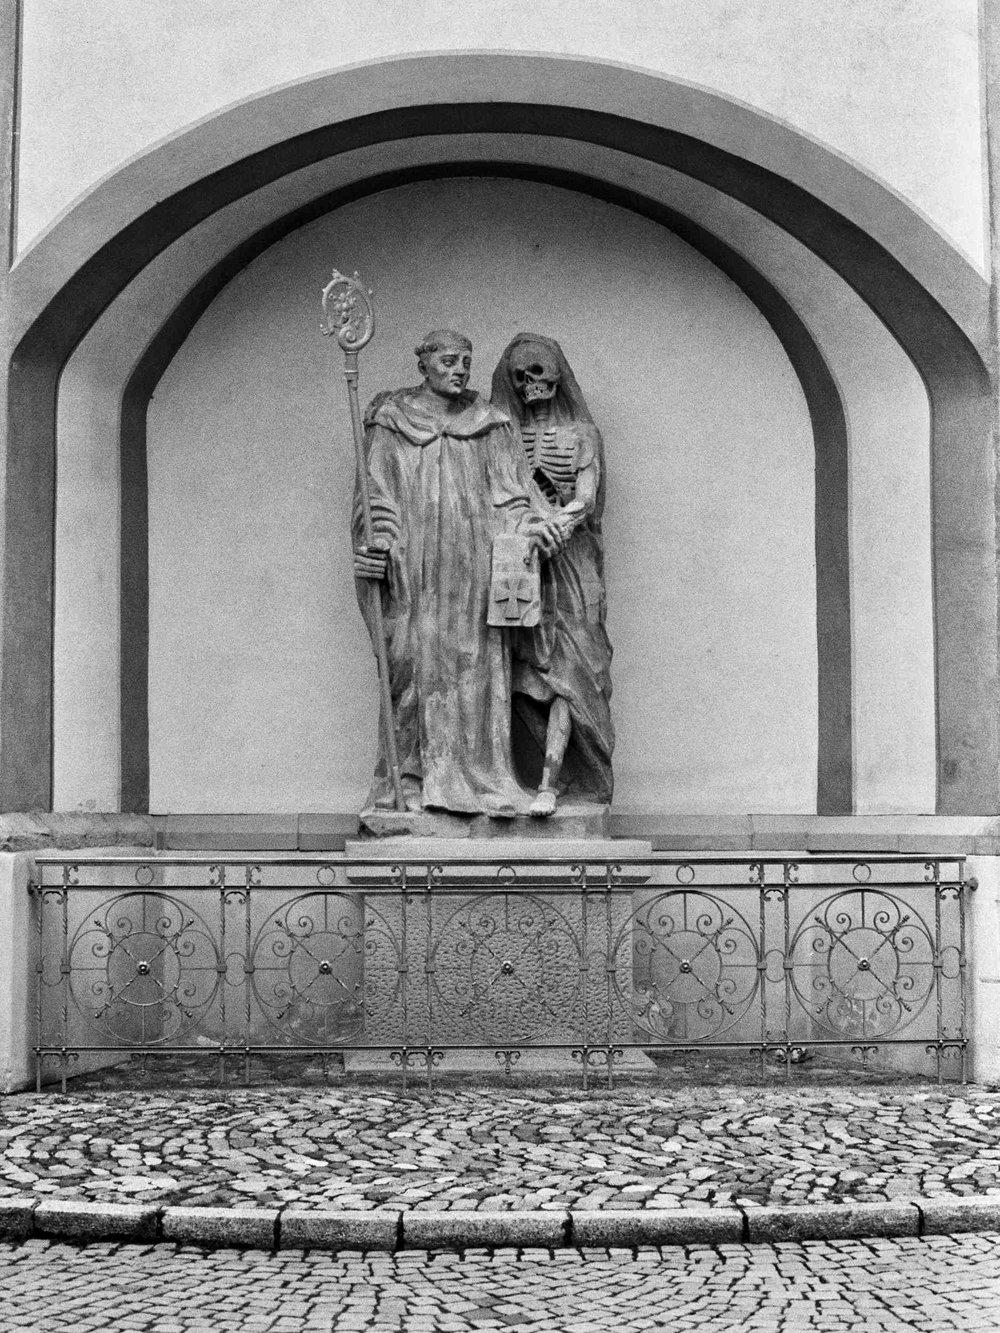 In Bad Säckingen. Fridolin of Bad Säckingen and Urso